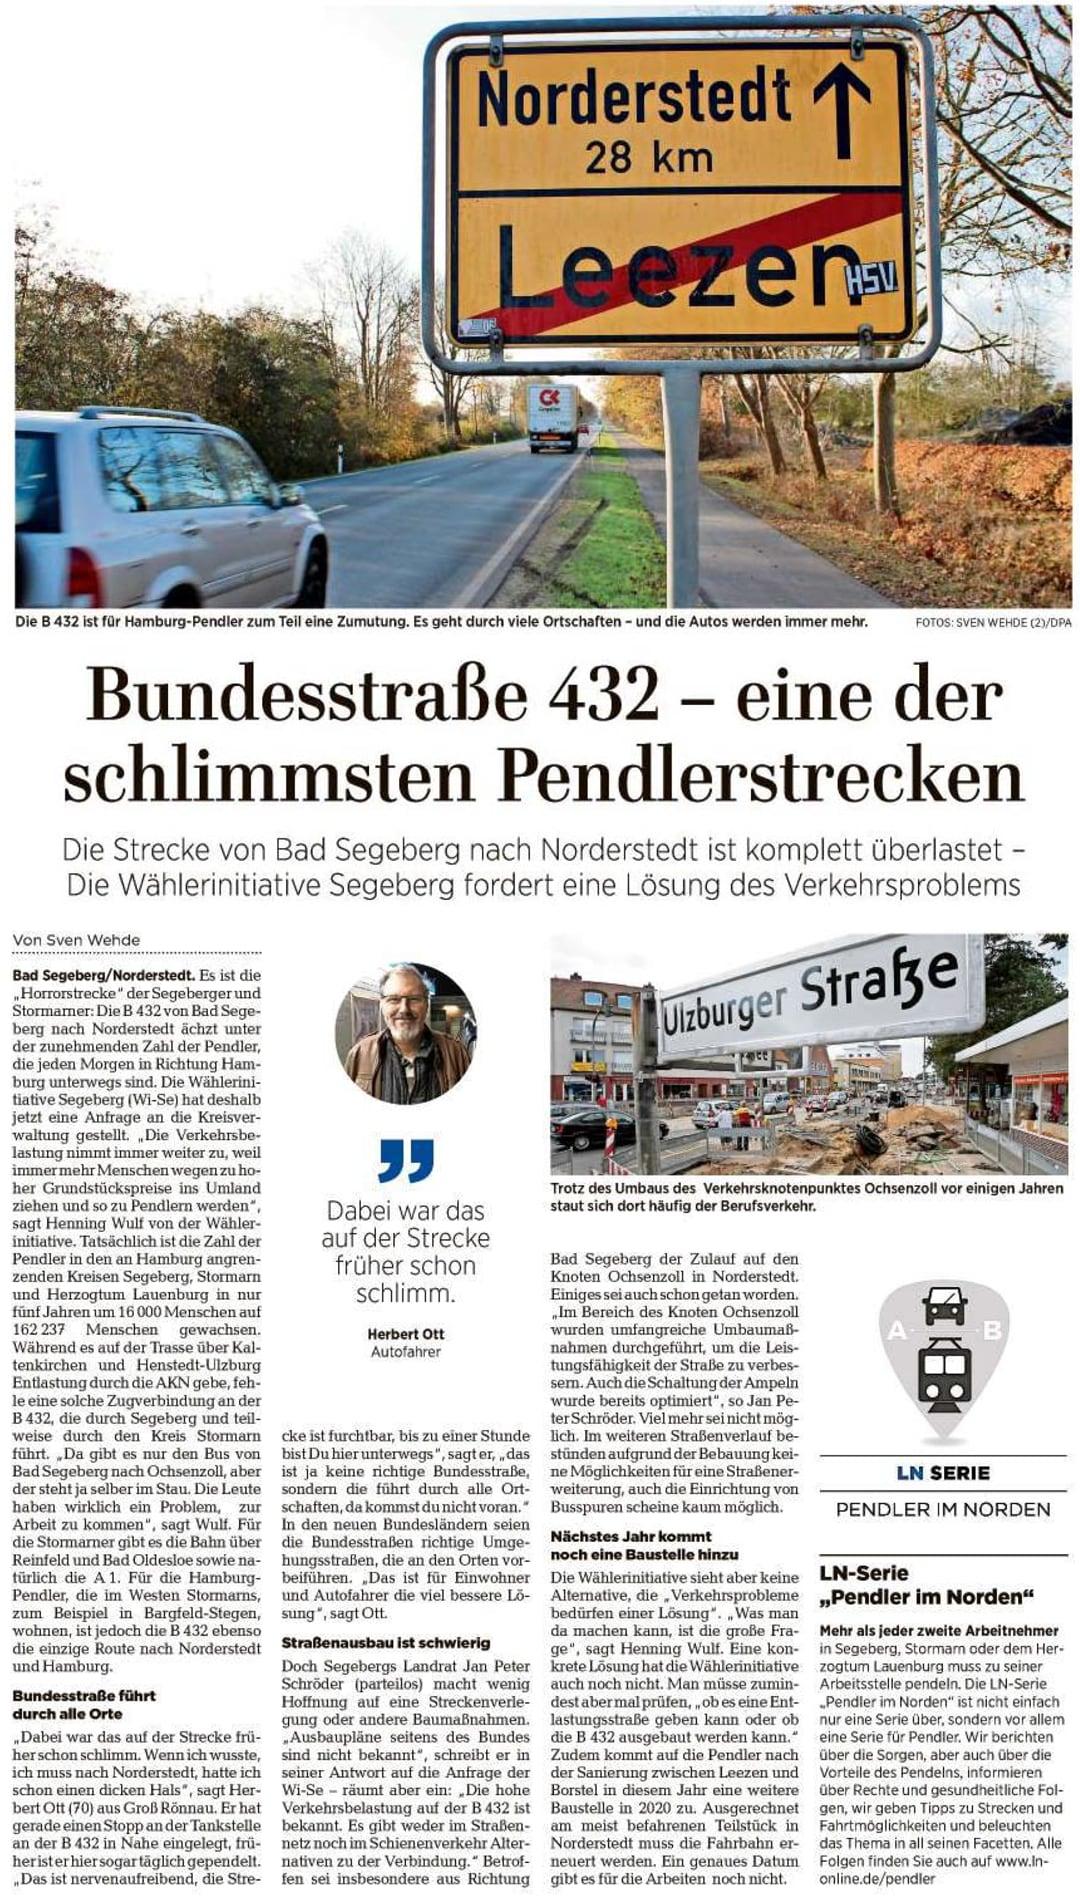 Verkehr - Lübecker Nachrichten 15.11.2019